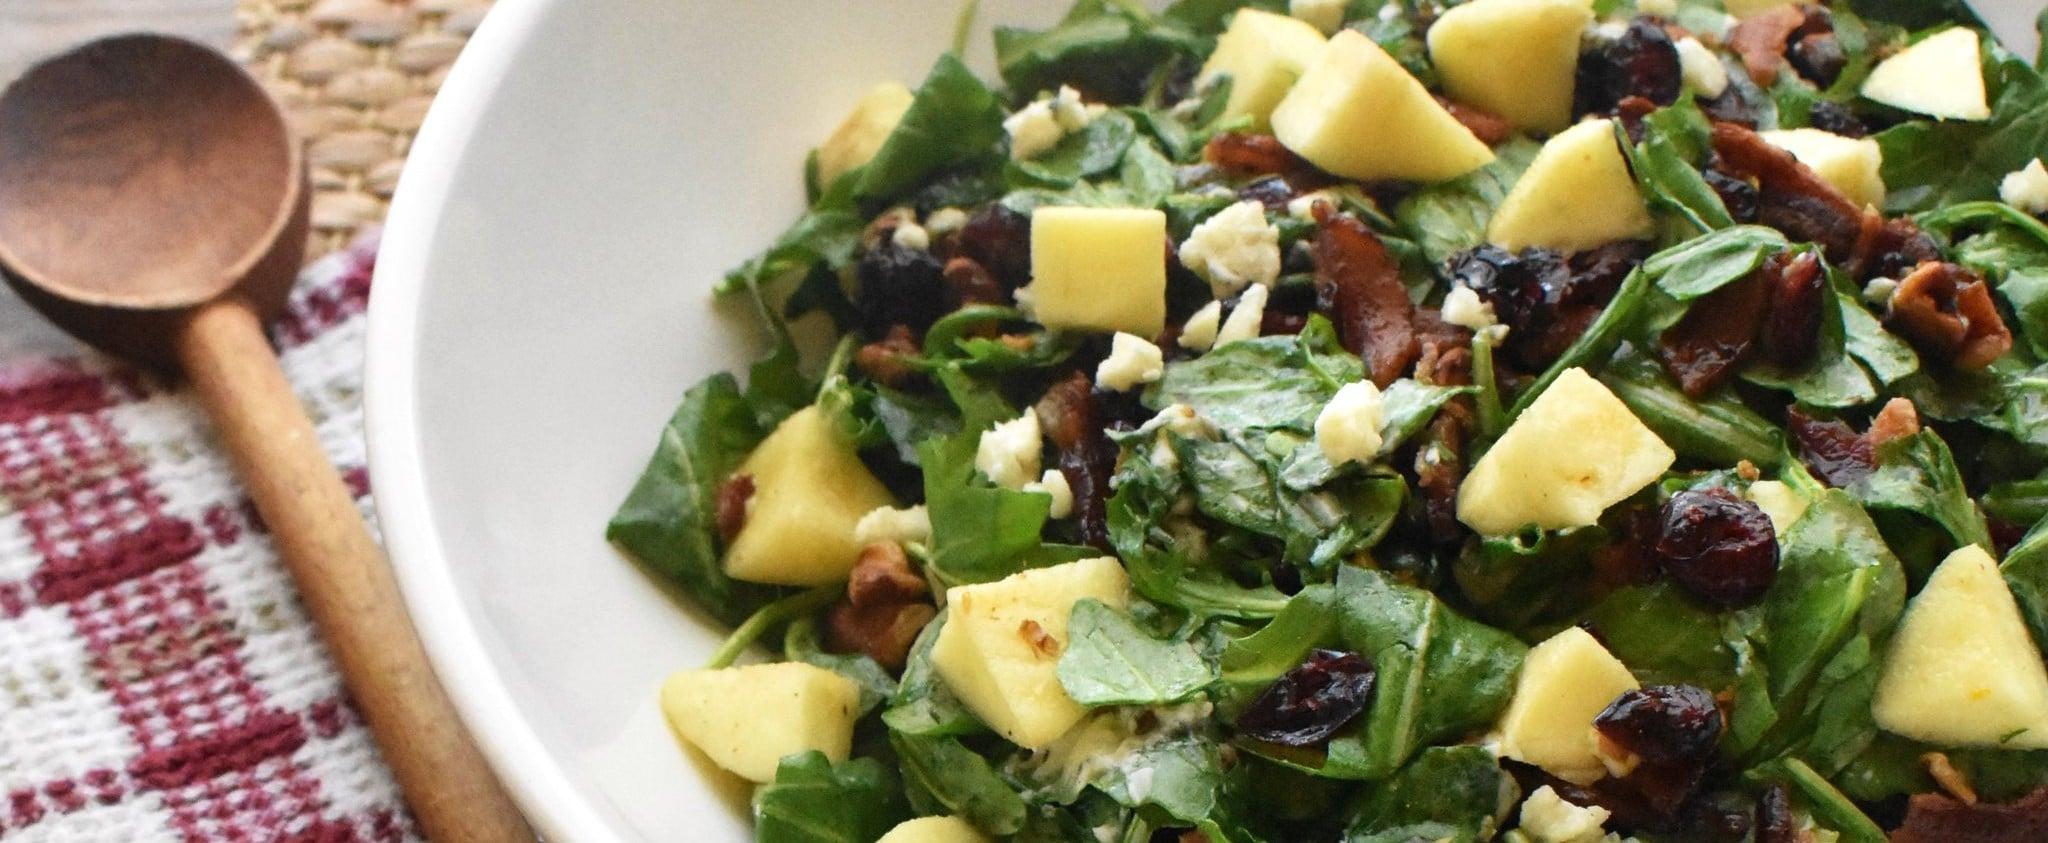 Ina Garten Dinner Recipes